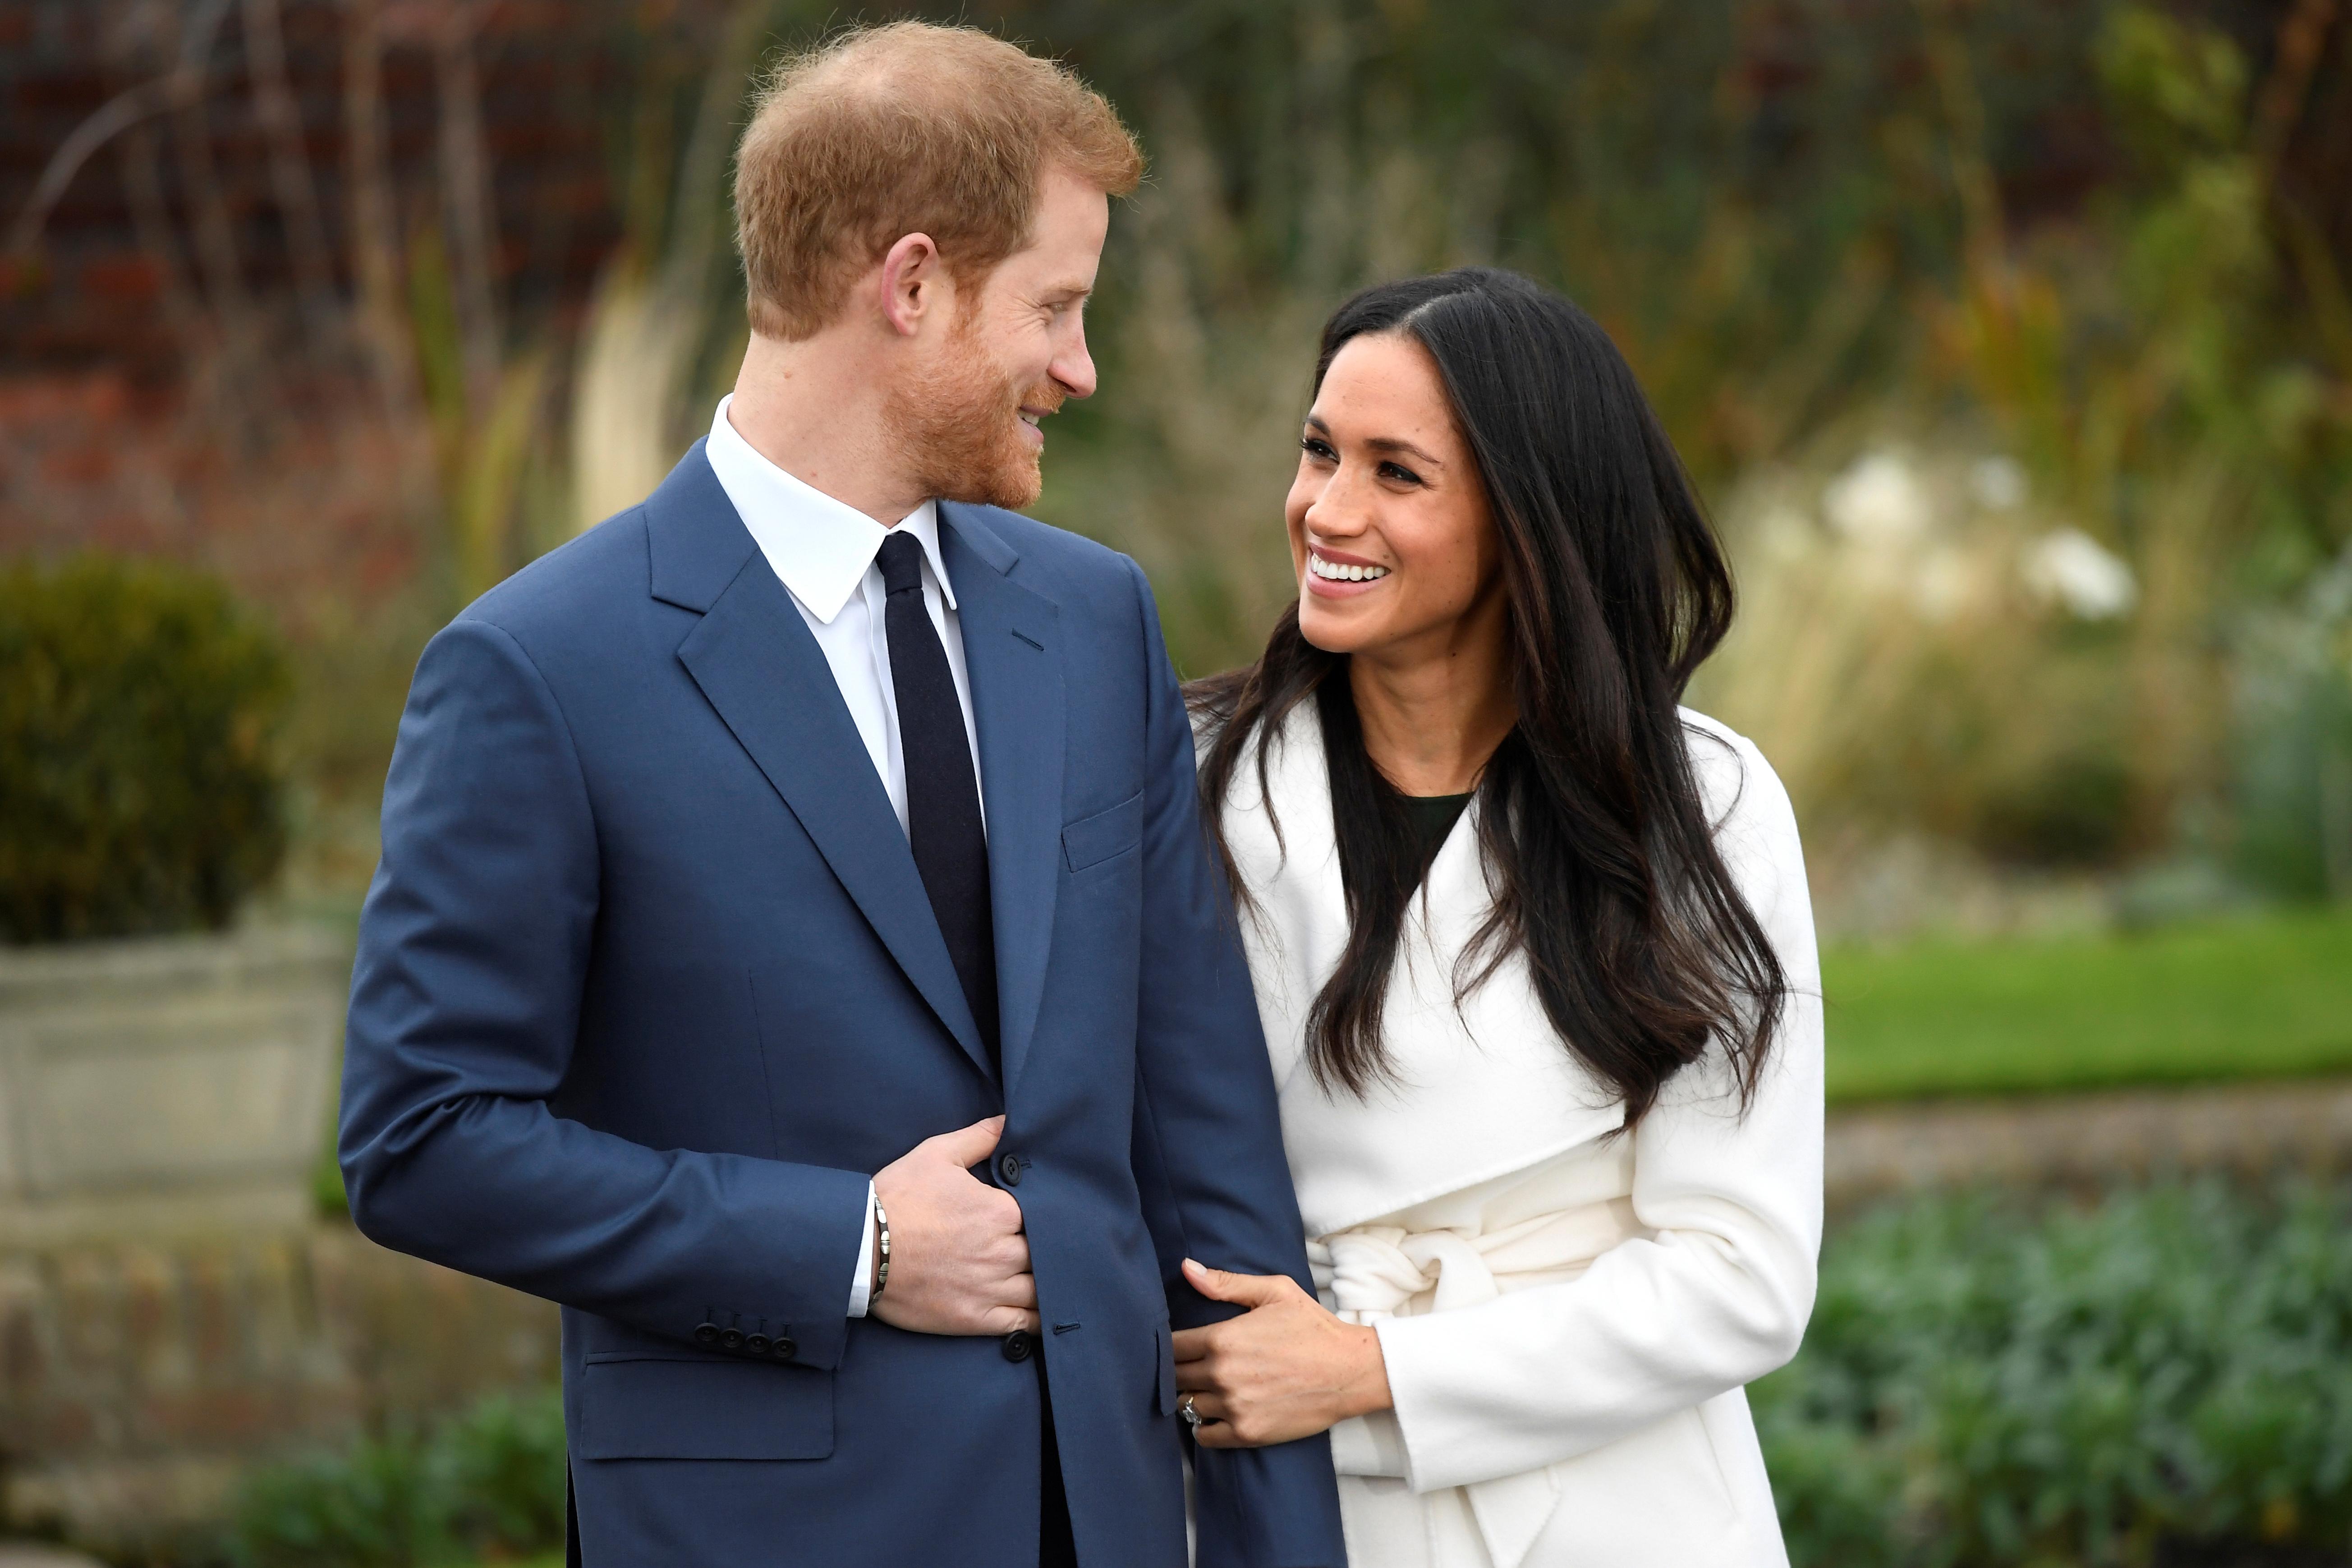 מדהים המלוכה מרגשת את כולם'': הנסיך הארי התארס לשחקנית מייגן מרקל NL-57